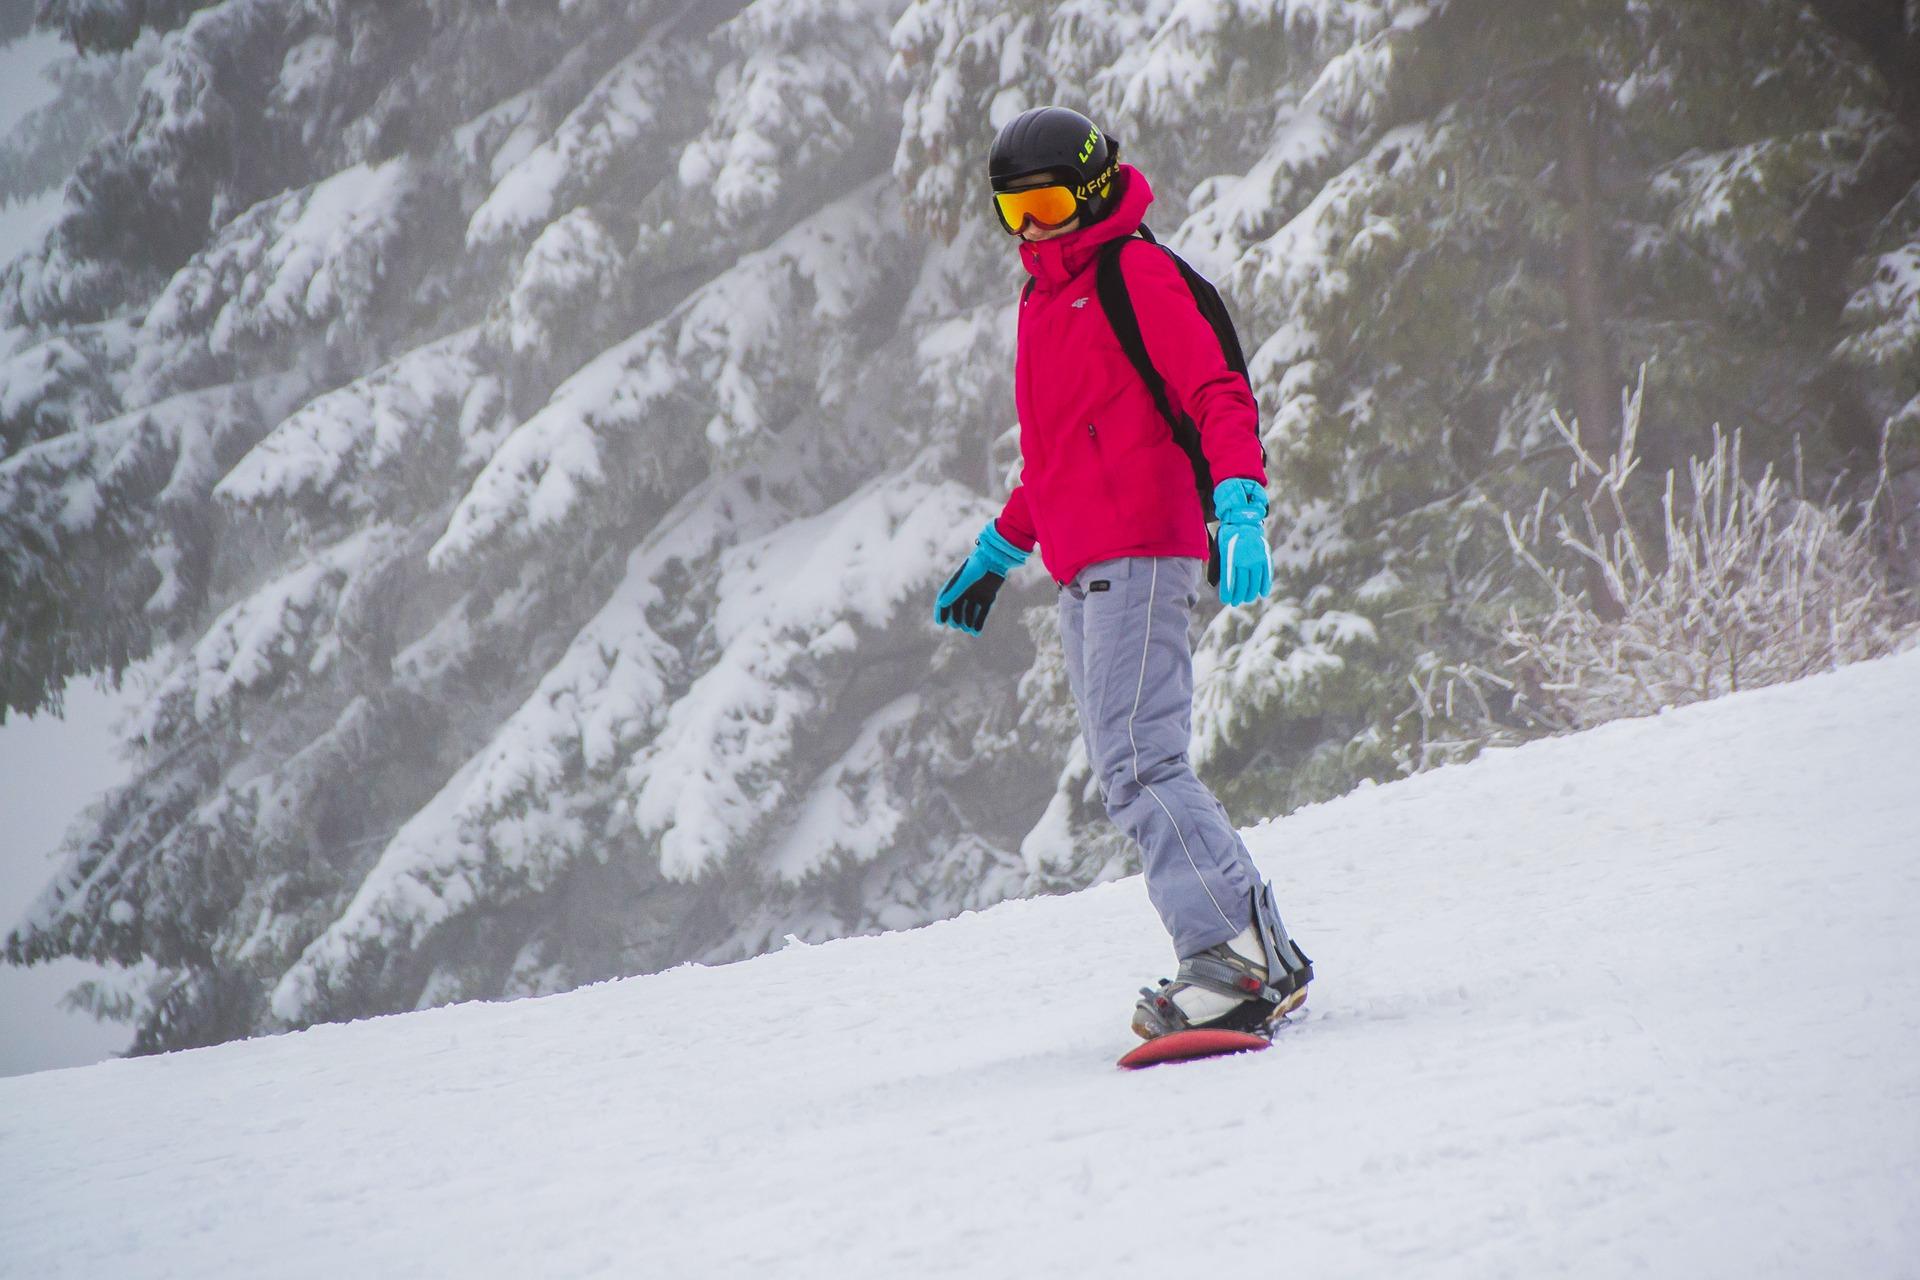 Ski ou snowboard : par quoi commencer pour sa première fois en station?